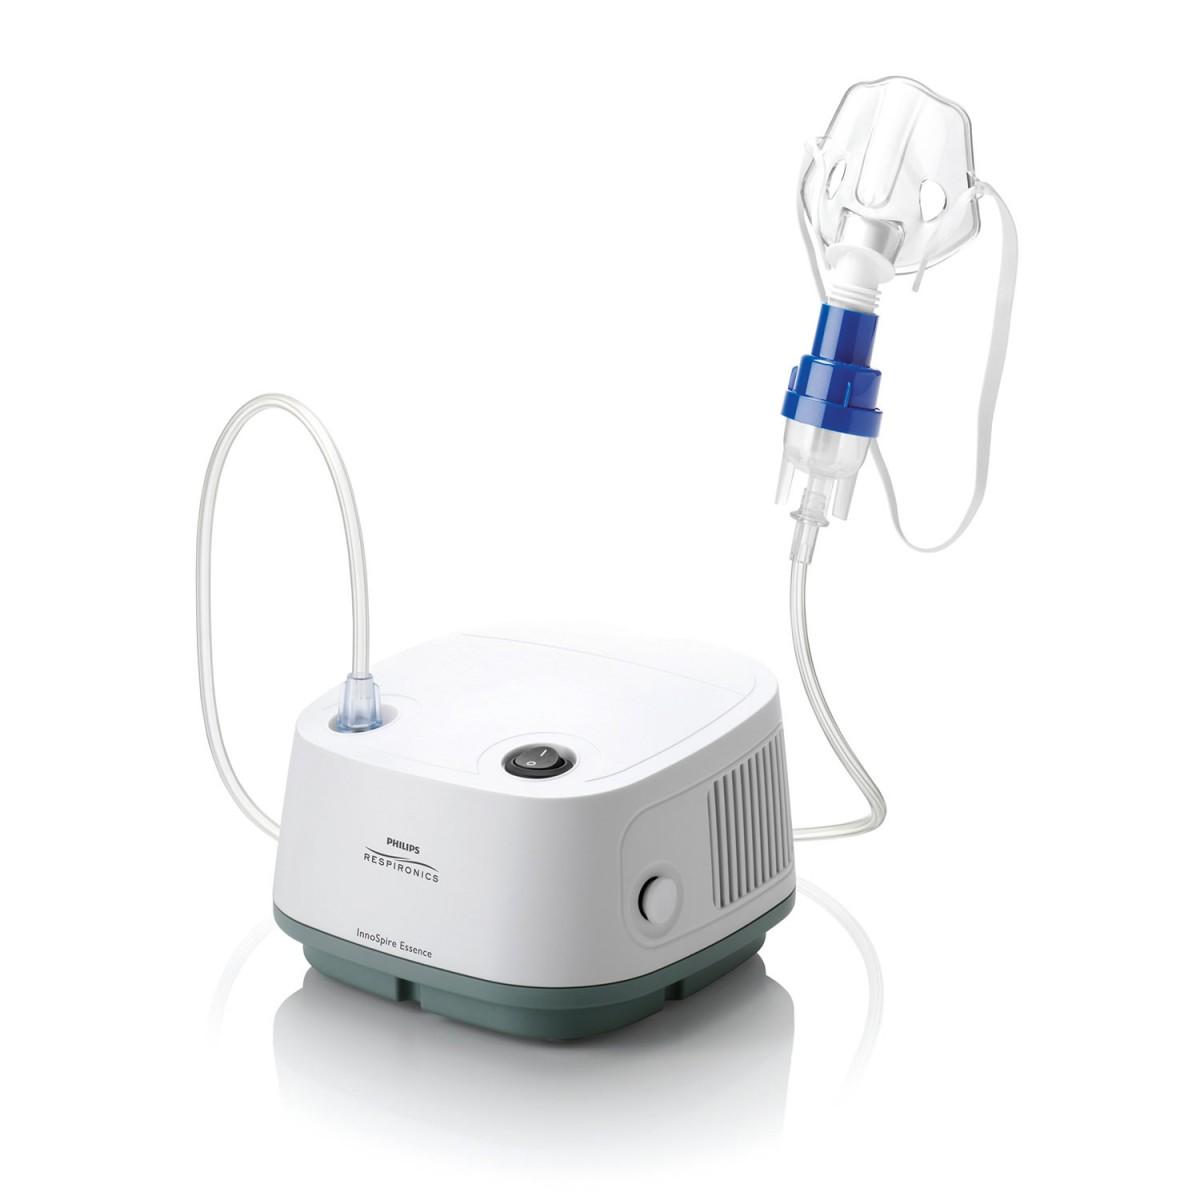 Νεφελοποιητής φαρμάκων PHILIPS Respironics - Roi Medicals